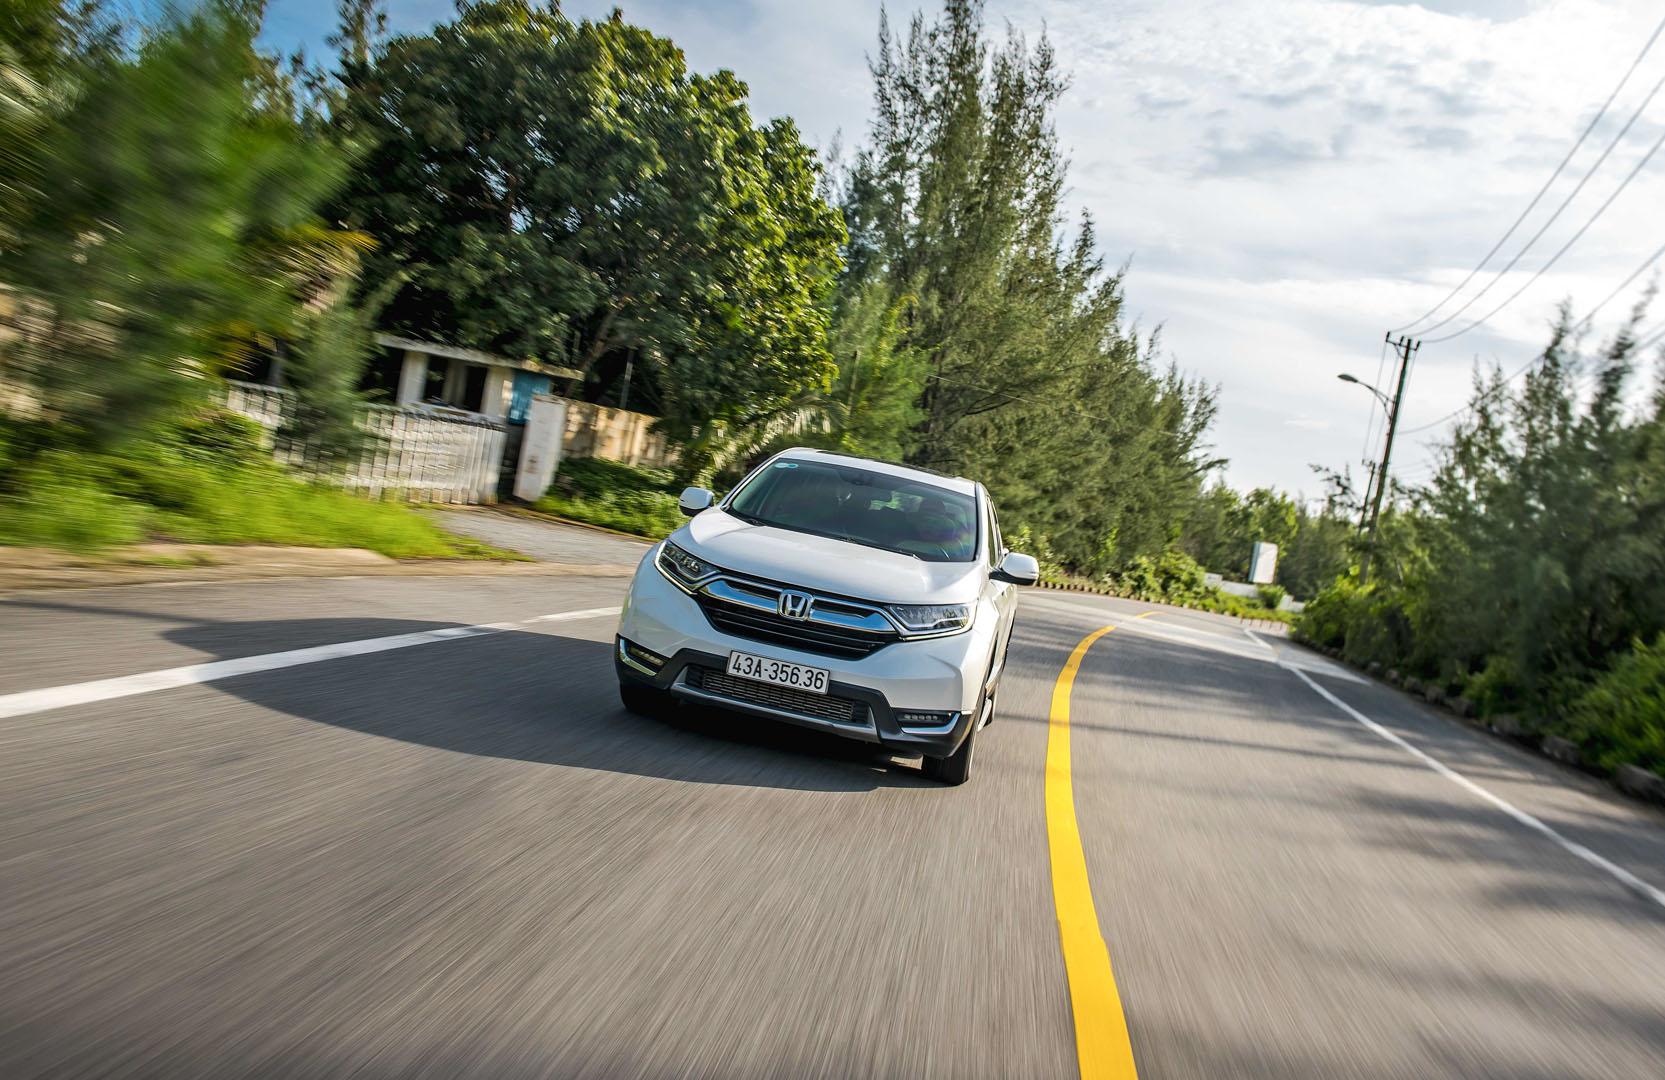 Honda CR-V sử dụng vật liệu thép mới, gia tăng sức chịu đựng cũng như độ ổn định